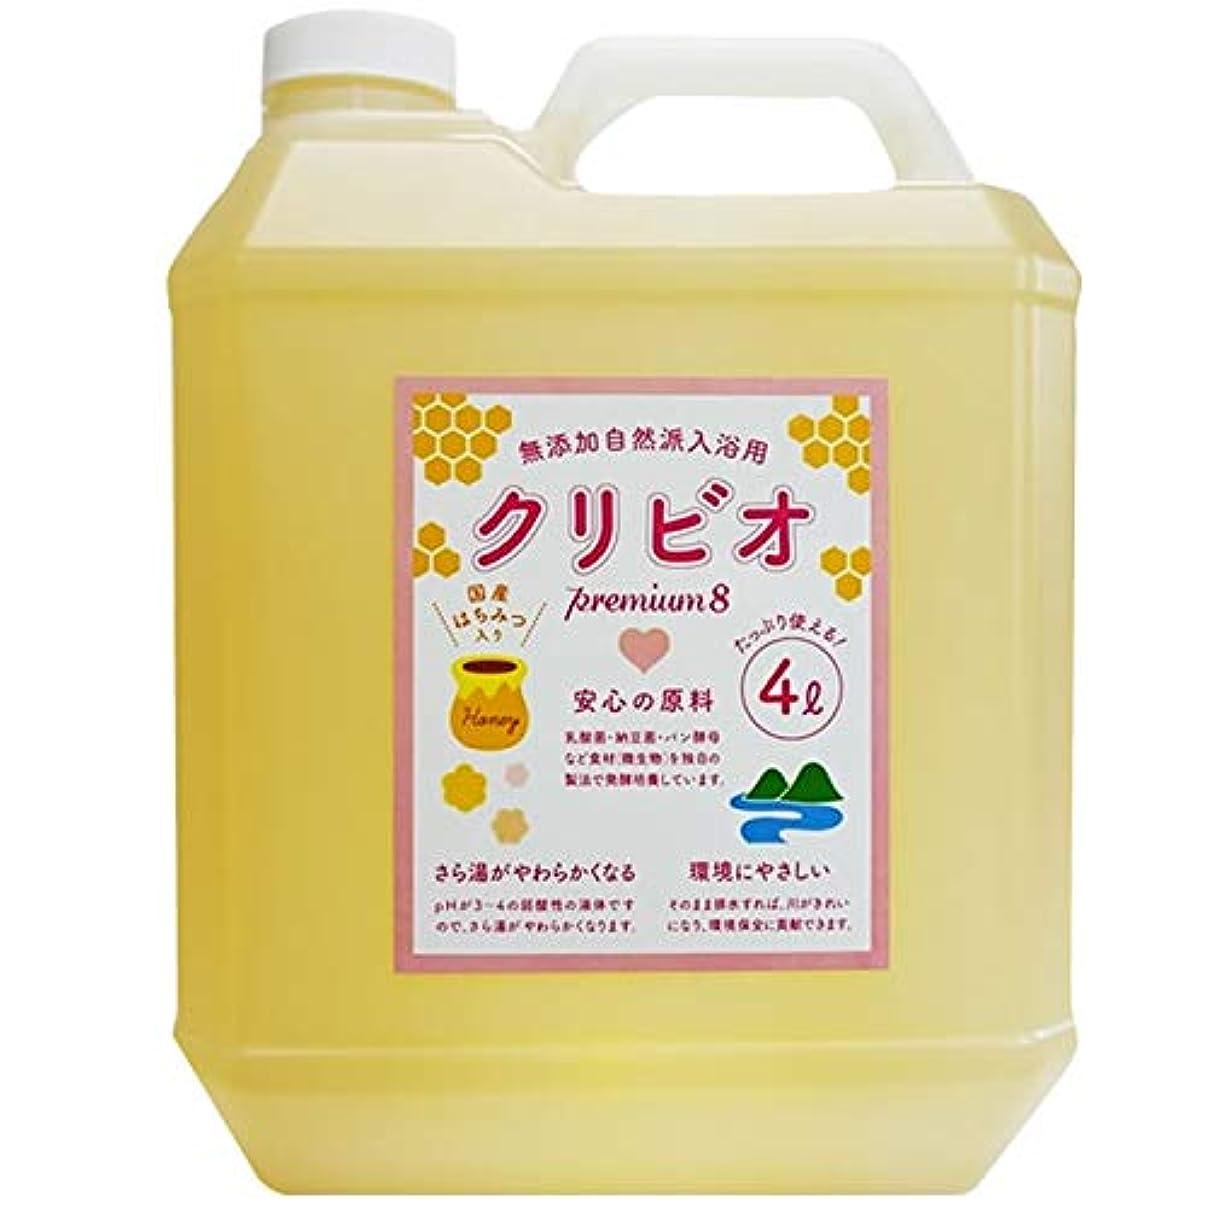 おばあさん望む以上国産蜂蜜乳酸菌入り 自然派入浴用クリビオpremium8 4リットルお徳用*計量カップ?L型ノズル付【無添加】